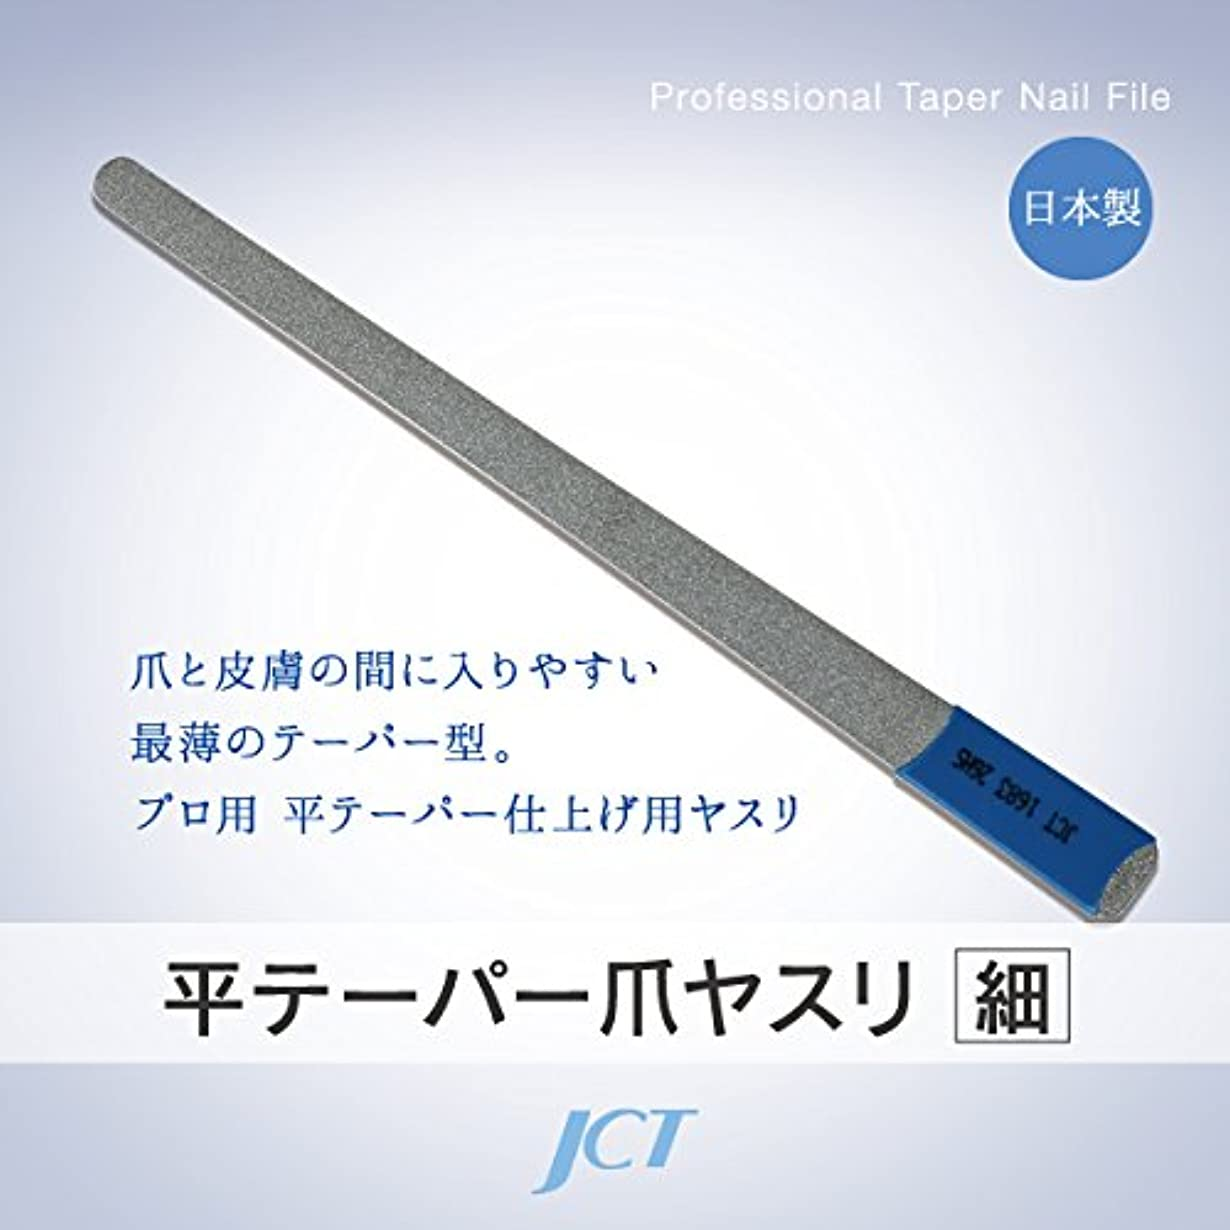 発行ステンレス適切にJCT メディカル フットケア ネイルケア ダイヤモンド平テーパー爪ヤスリ(細) 滅菌可 日本製 1年間保証付